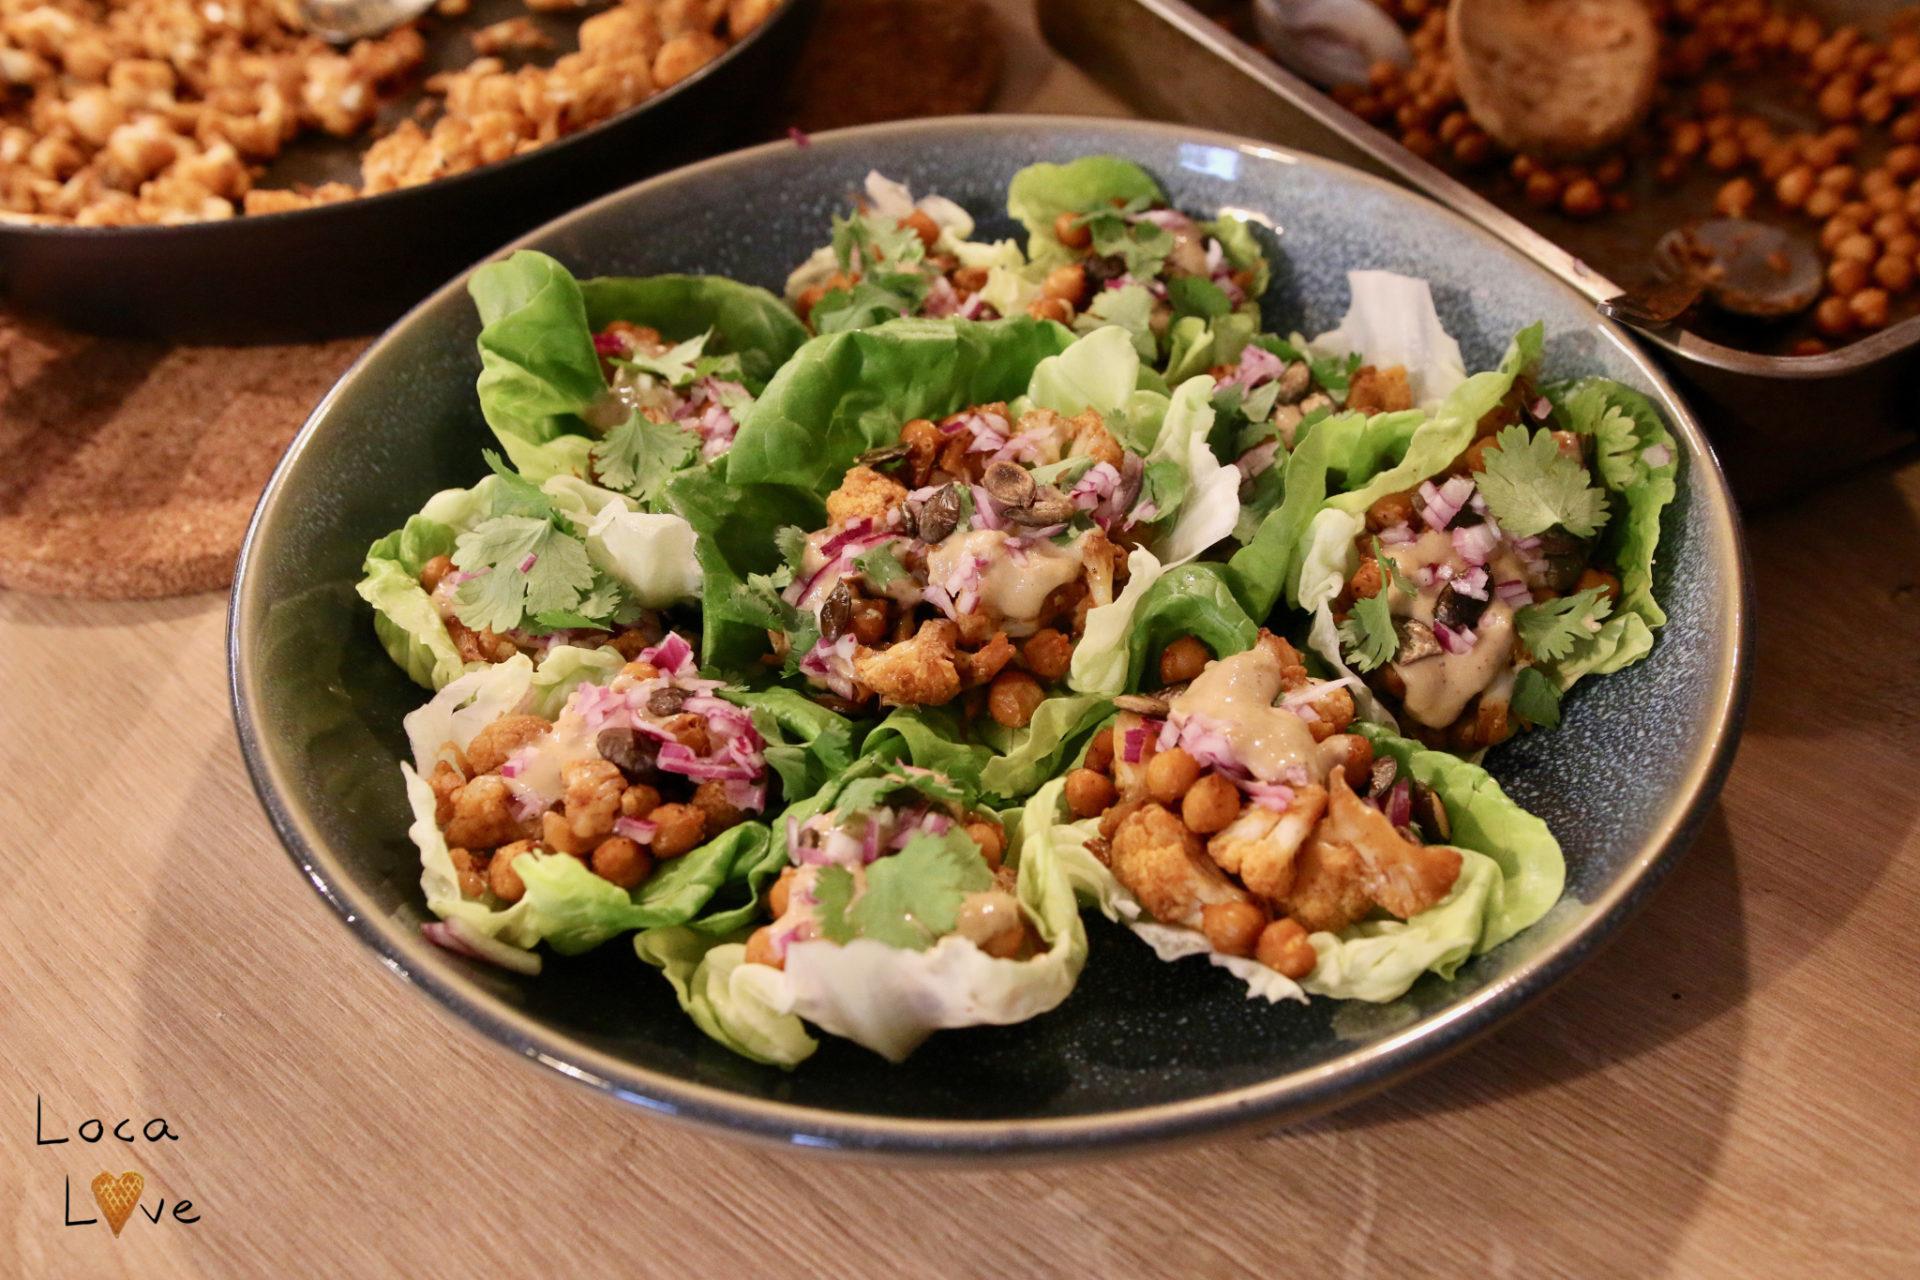 Oali Ateliers De Cuisine Saine Et Vegetale Loca Love